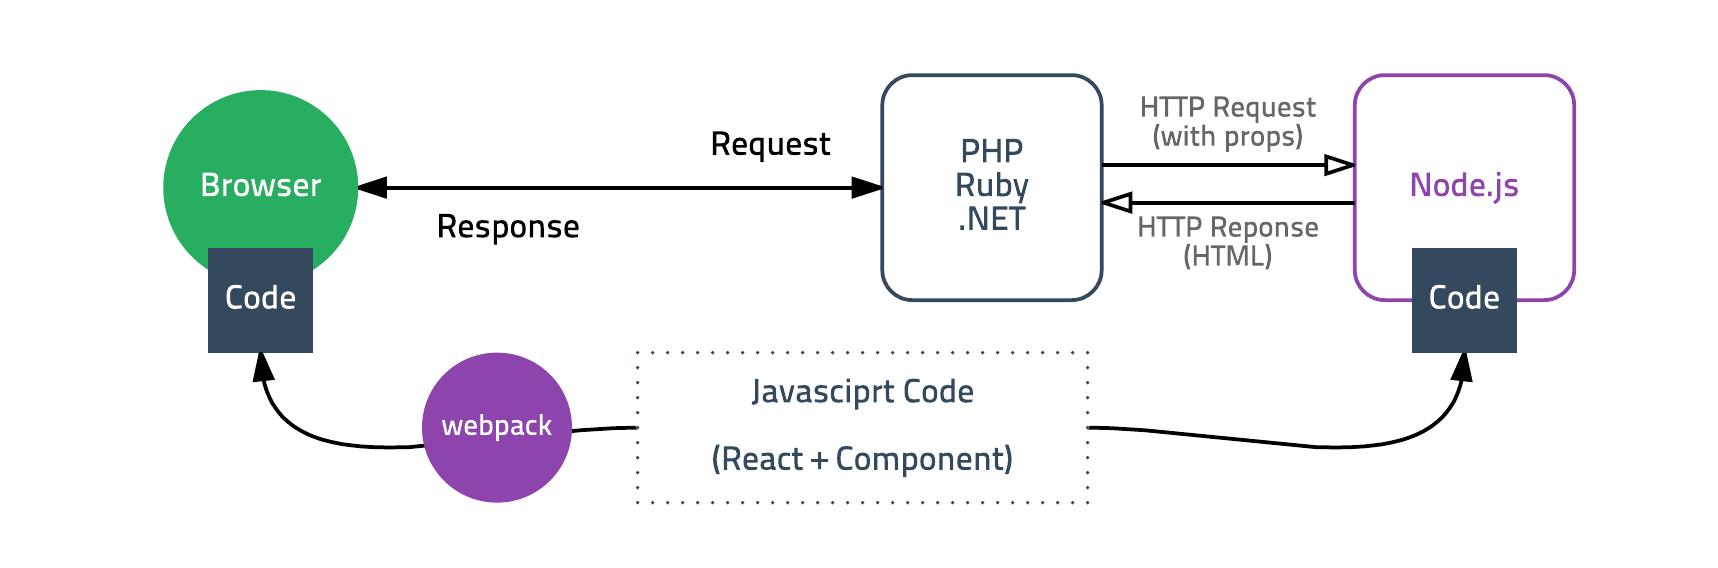 Node.js render server